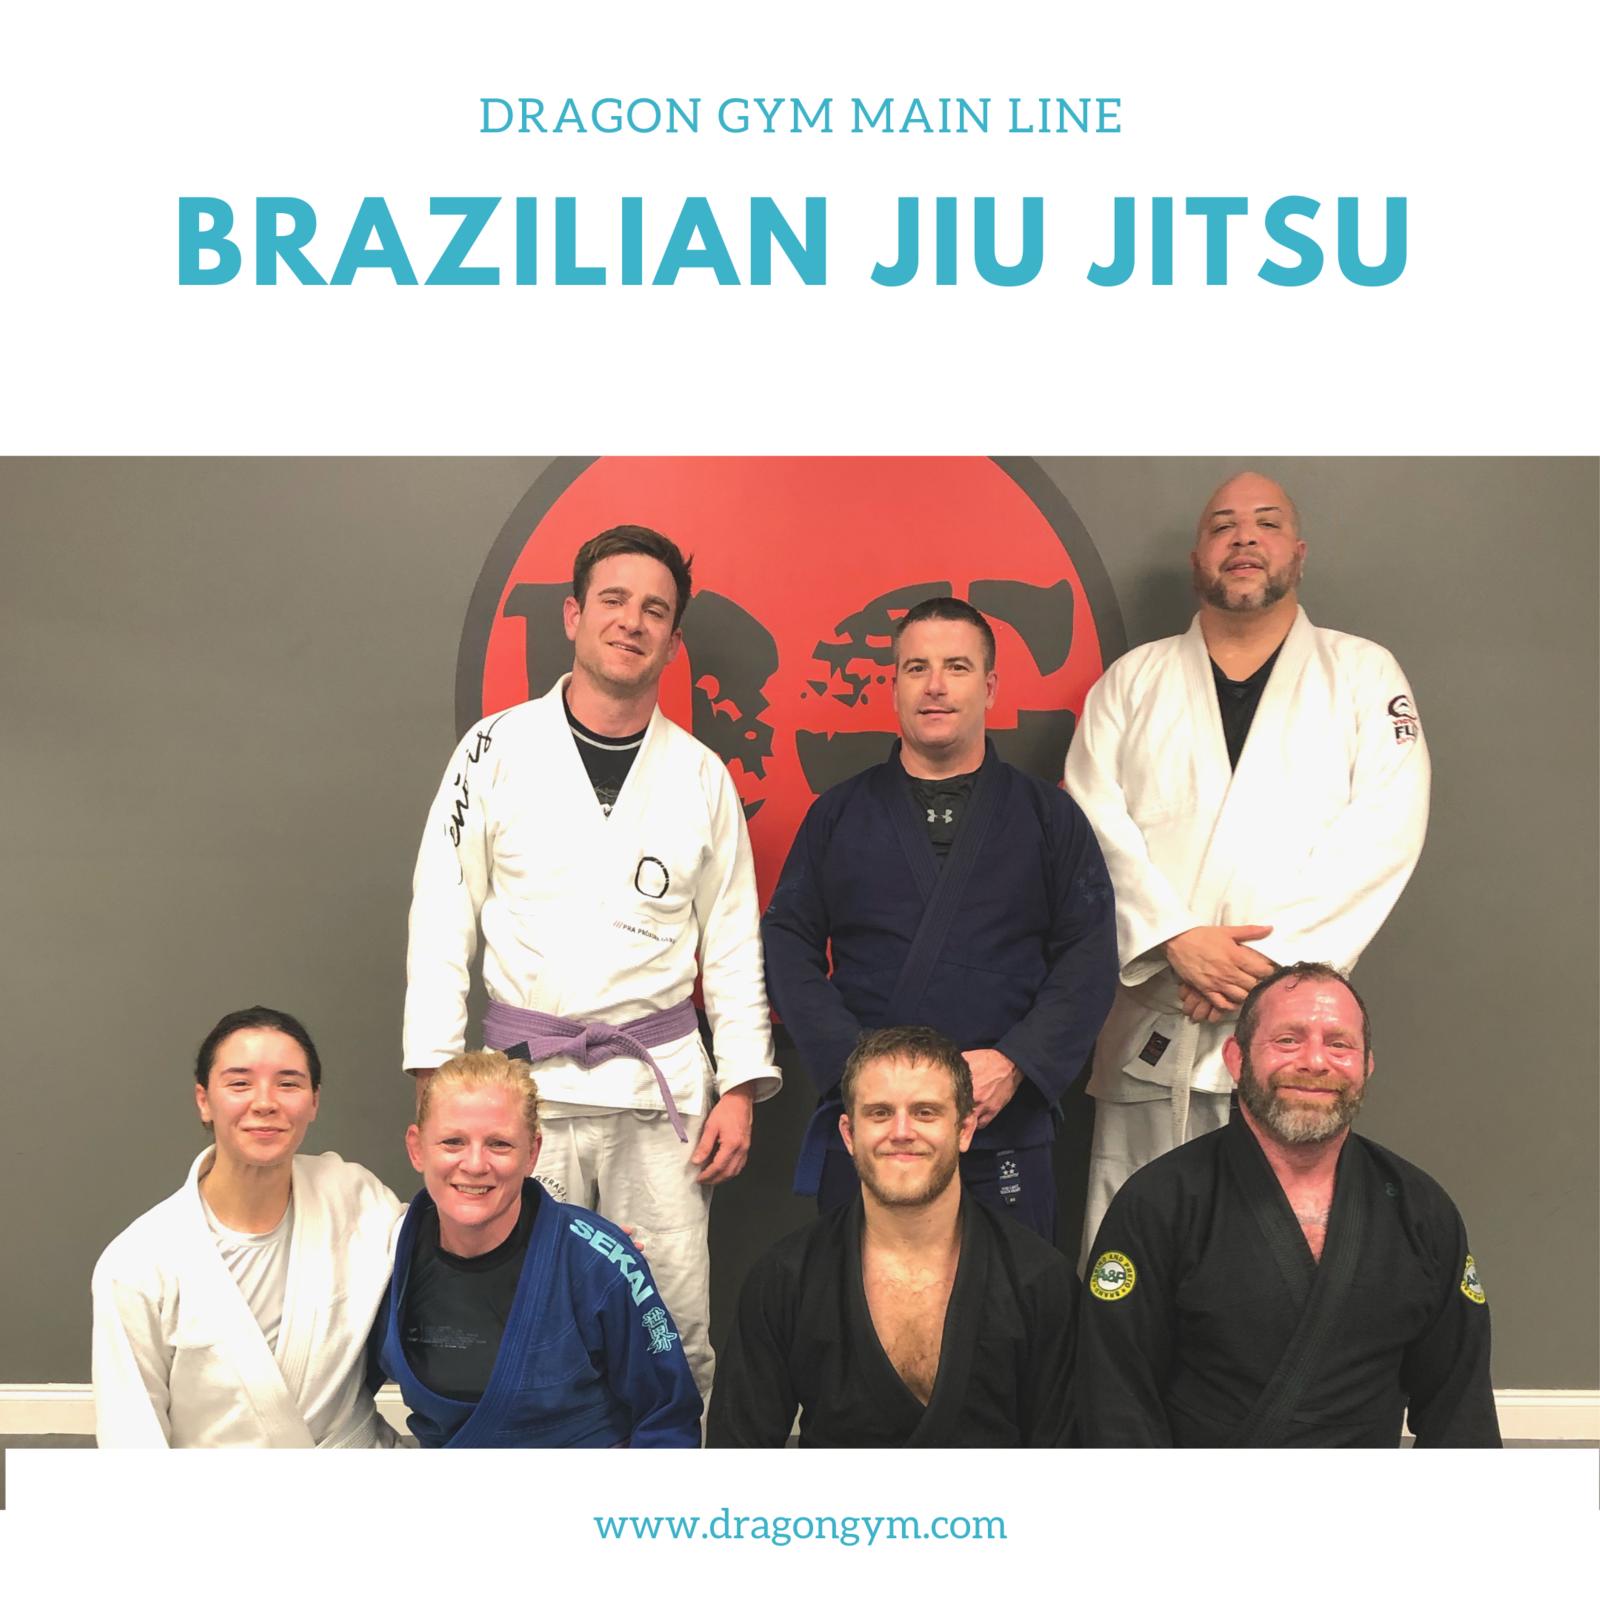 Lionville Brazilian Jiu Jitsu